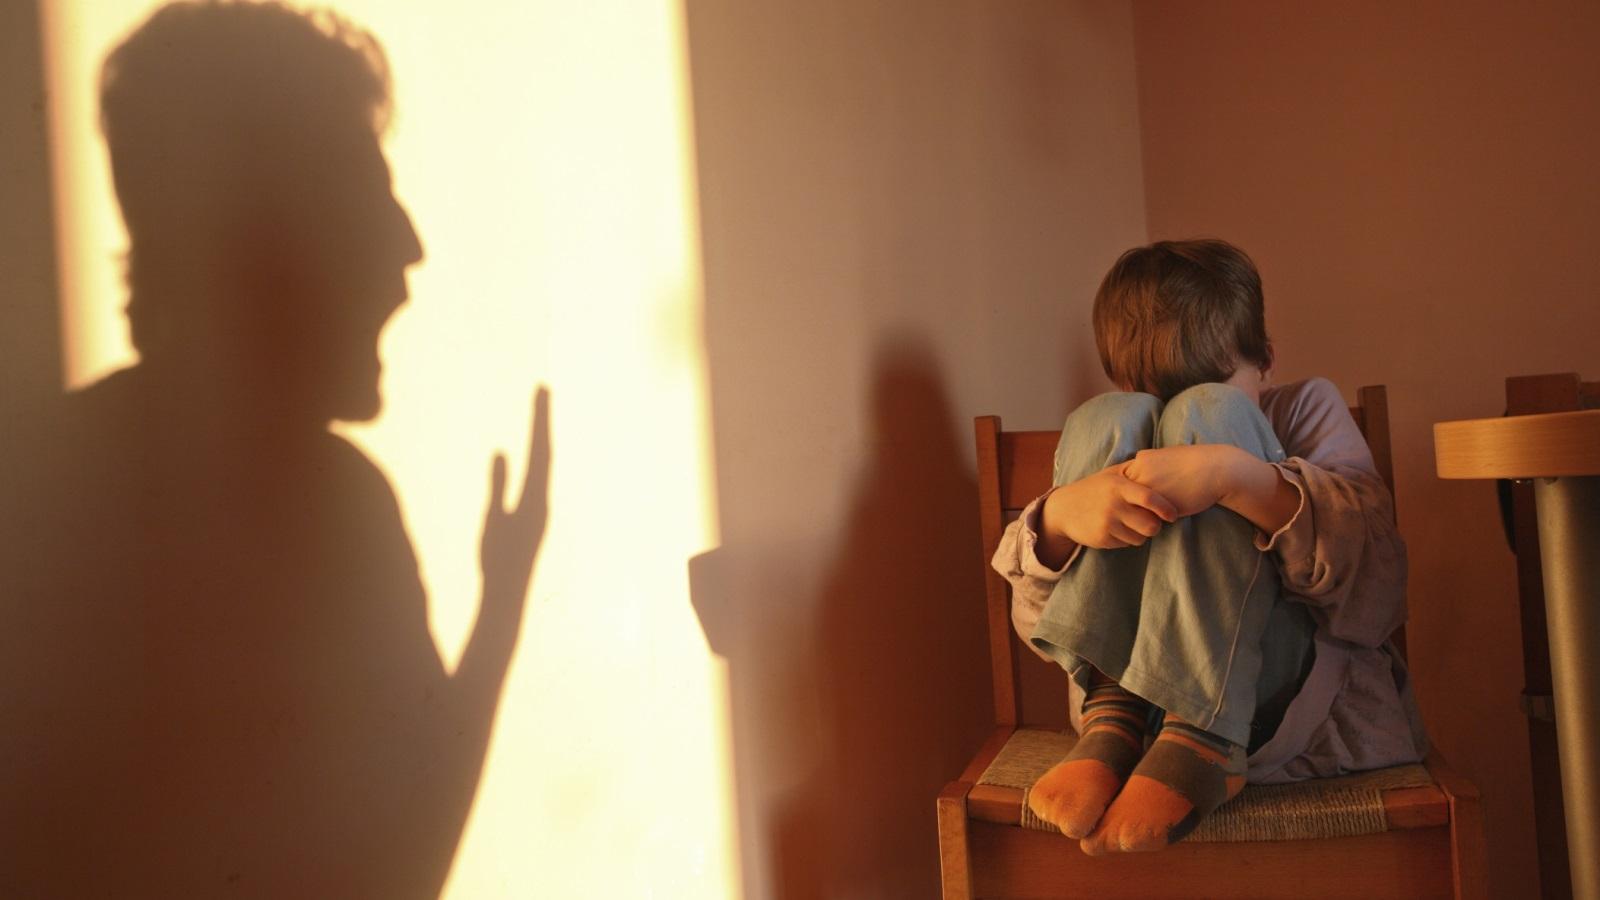 ảnh buồn khóc sống trong nỗi sợ hãi của gia đình